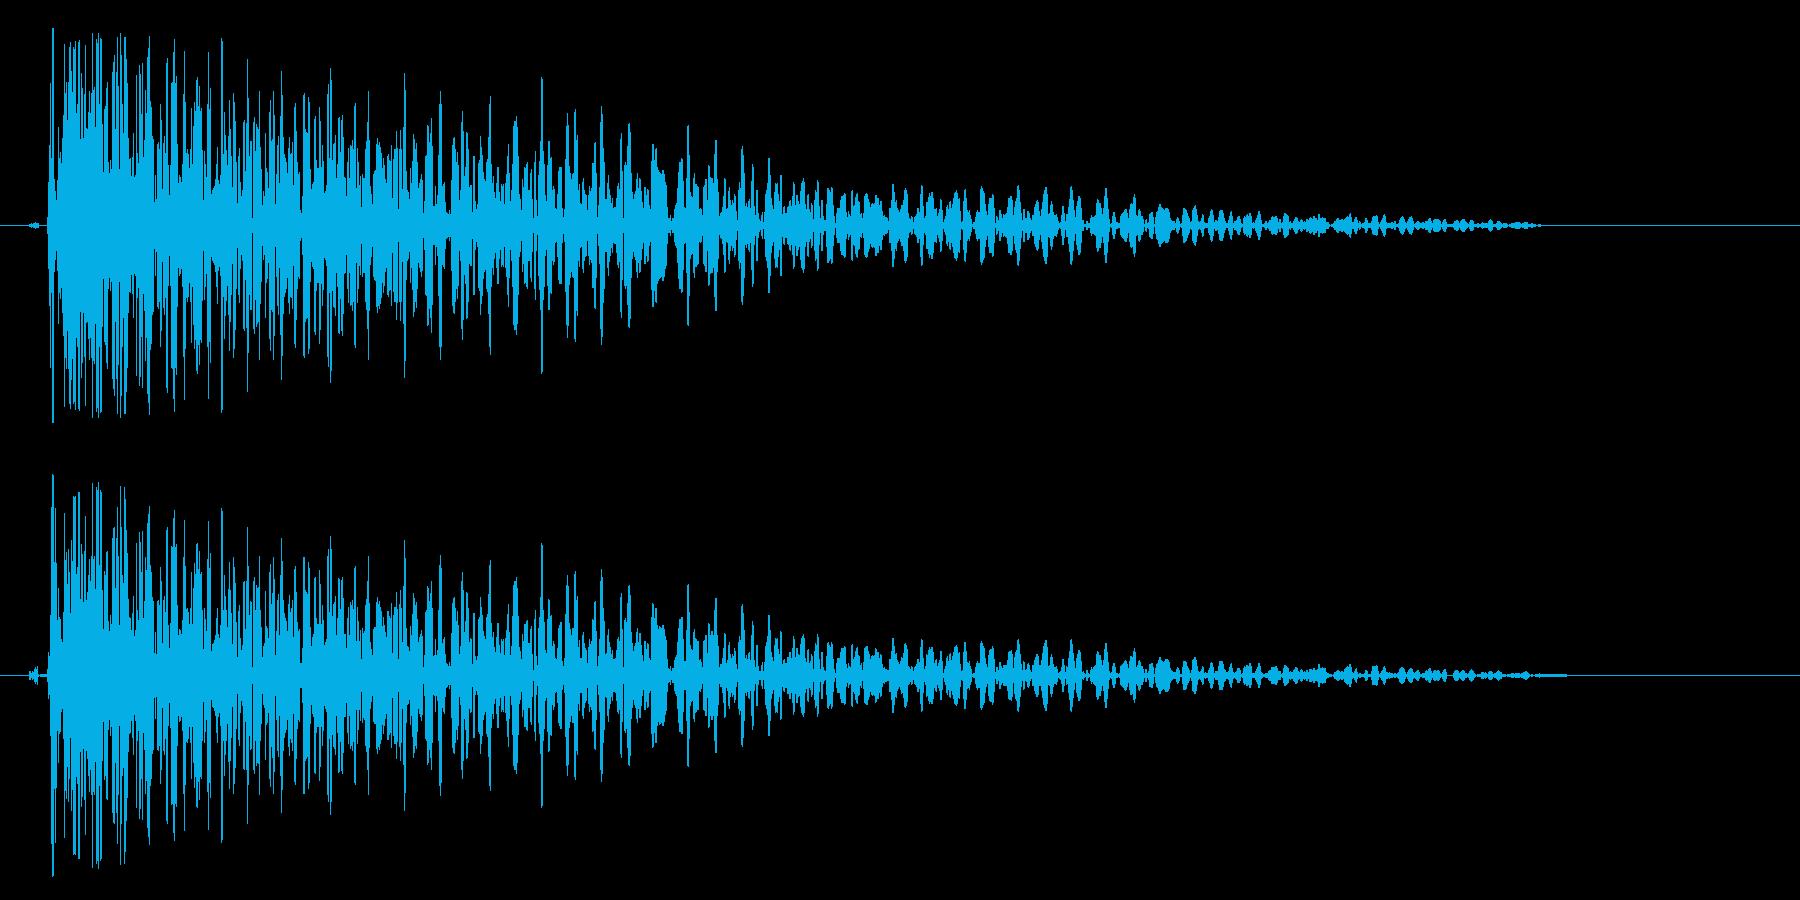 ドゥオワン(少し伸びて沈む打撃音)の再生済みの波形